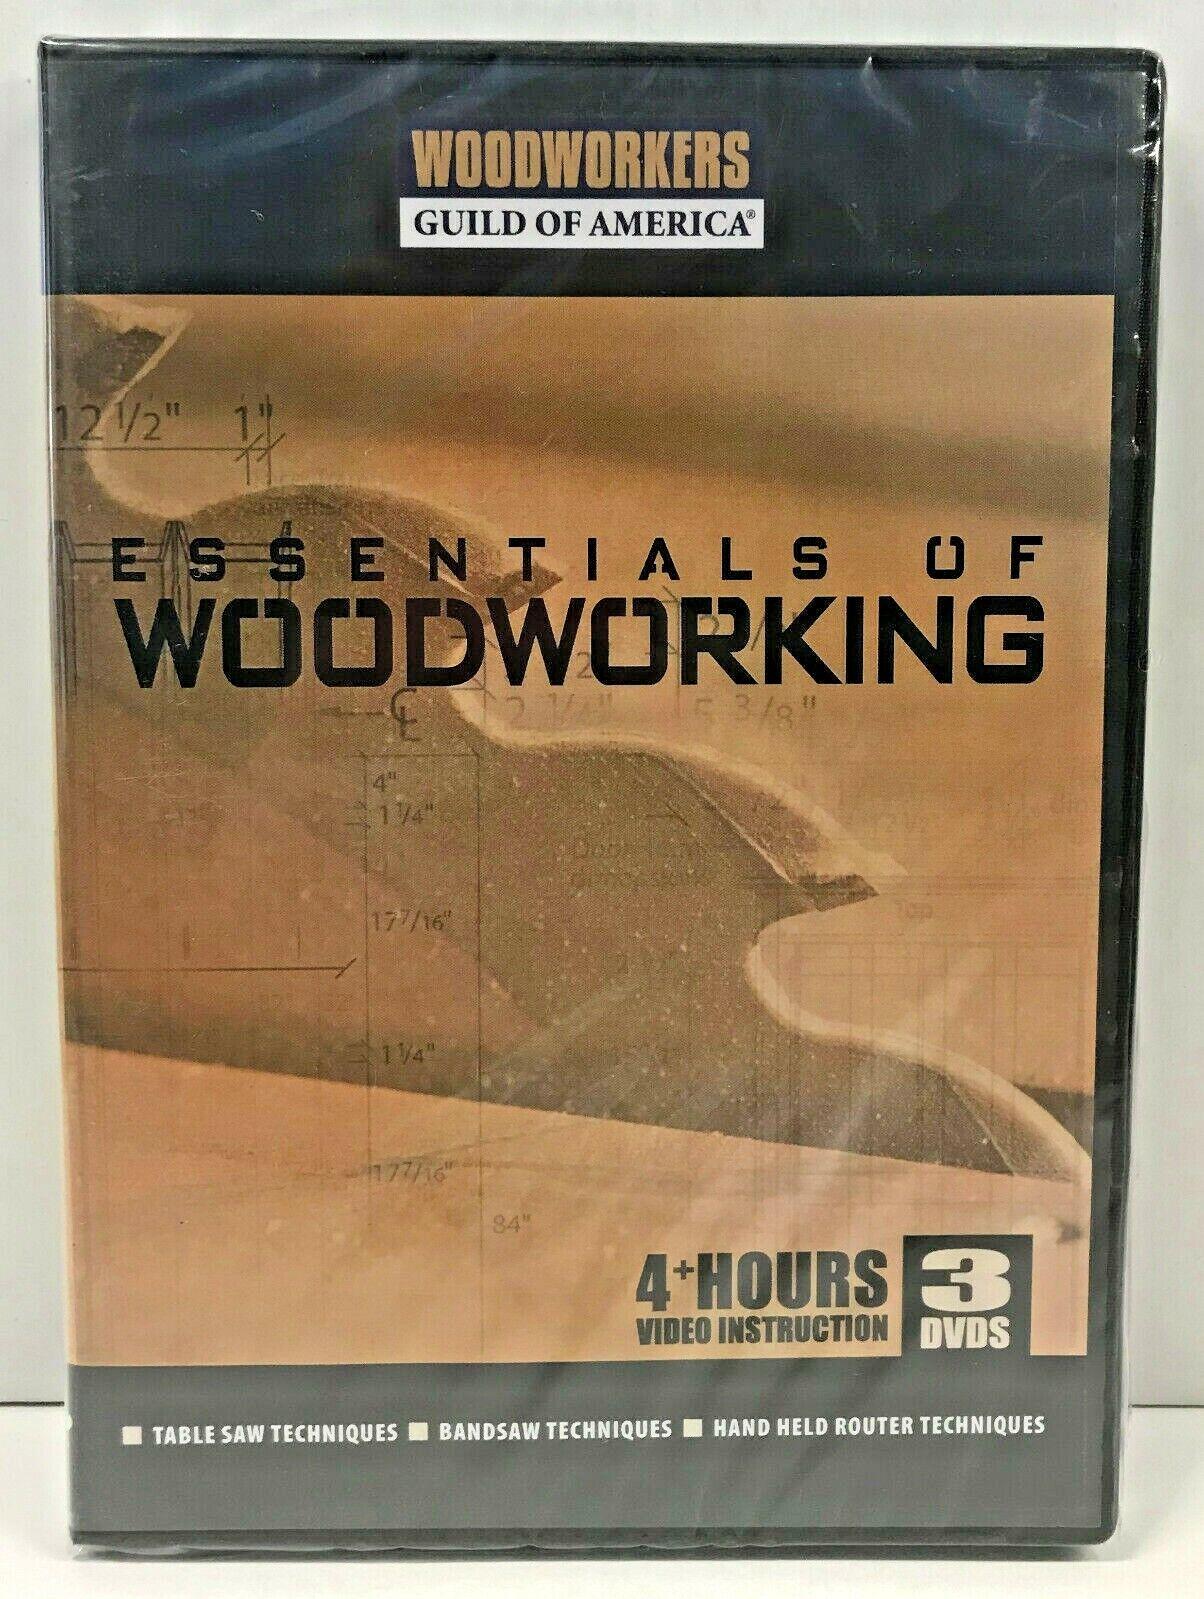 NEW Woodworkers Guild: Essentials of Woodworking ~ George Vondriska [Writer] DVD